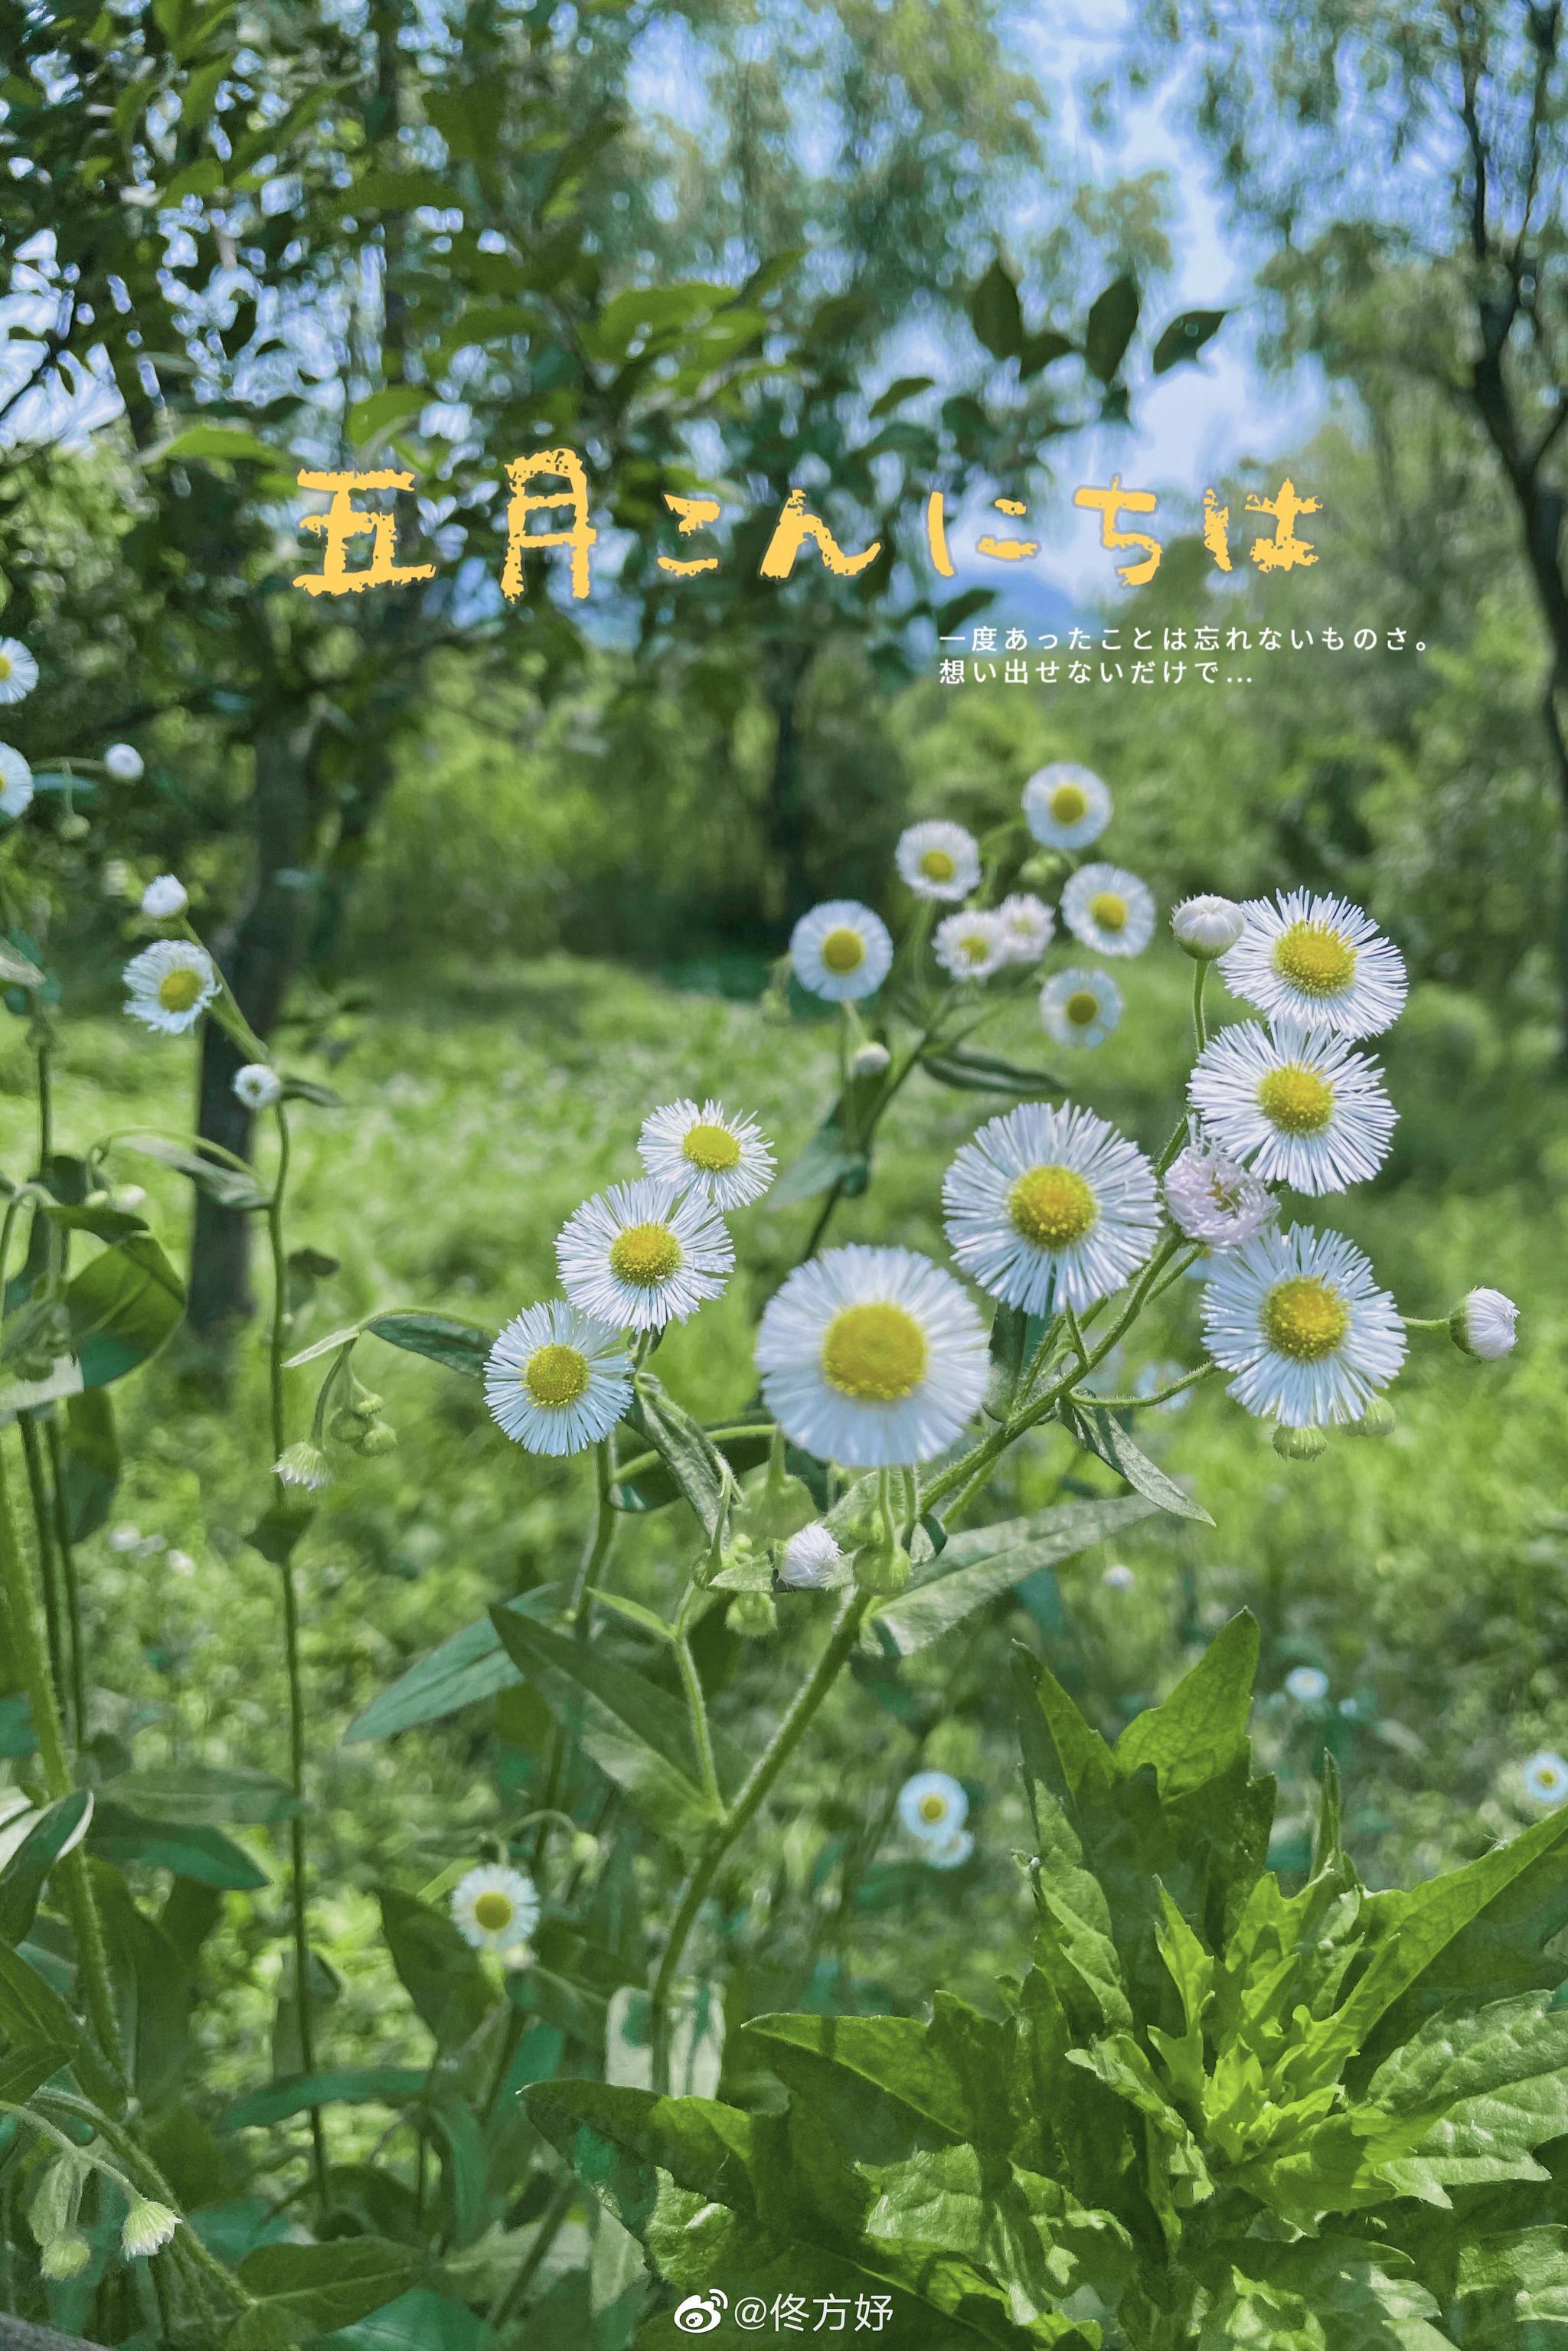 喜欢杭州的原因不仅是人文气息,还有环境的优美……